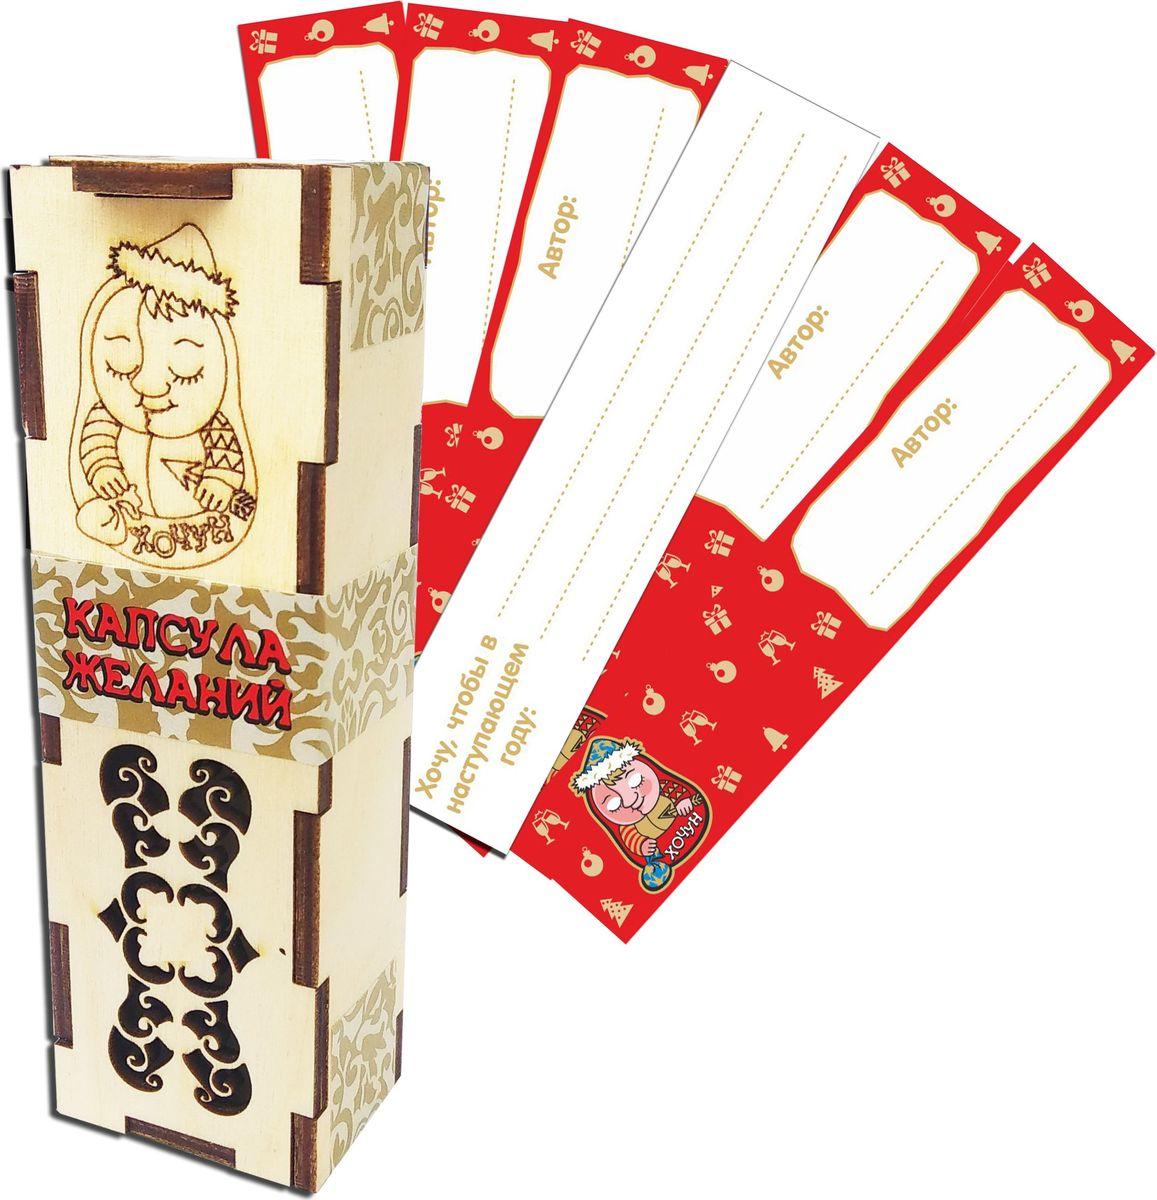 """Капсула желаний Хочун, 12 х 4 см4375Капсула желаний от Хочуна - волшебный инструмент для исполнения новогодних желаний. В Новогоднюю ночь случаются чудеса, и даже закоренелые скептики в них верят. А чтобы проверить, правда ли, что желания загаданные в Новый Год сбываются чаще других, запишите свои желания на волшебных записках и спрячьте их в капсулу желаний! Через год откройте капсулу и удивитесь!Как это работает?1. В комплекте к капсуле идет 10 волшебных записок (хватит на большуюкомпанию). В Новогоднюю ночь запишите на записках свое самое заветноежелание на будущий год и закрасьте Хочуну один глаз. Подпишите записку наобороте.2. Соберите коробочку (кроме одной верхней грани). Вложите в нее свернутыезаписки и закройте капсулу.3. Закрасьте глазик Хочуну, изображенному на капсуле, сделайте волшебныепассы и произнесите: """"В этот волшебный Новый Год все, что задумали произойдет!""""4. Храните эту капсулу в надежном месте!5. В конце года соберитесь вновь, вскройте капсулу и проверьте, как исполнилосьваше желание. Возможно по-другому, или даже лучше, чем вы планировали!6. Откройте Хочунам, исполнившим желания, второй глазик, пусть они порадуютсявместе с вами и заберите записки себе на память!7. Записки с неисполнившимися желаниями можно сжечь над новогодней свечкой.Возможно, этим желаниям не хватило веры хозяев в их осуществимость!В наборе: детали для изготовления капсулы (береза), наклейки для запечатывания капсулы и 10 волшебных записок."""